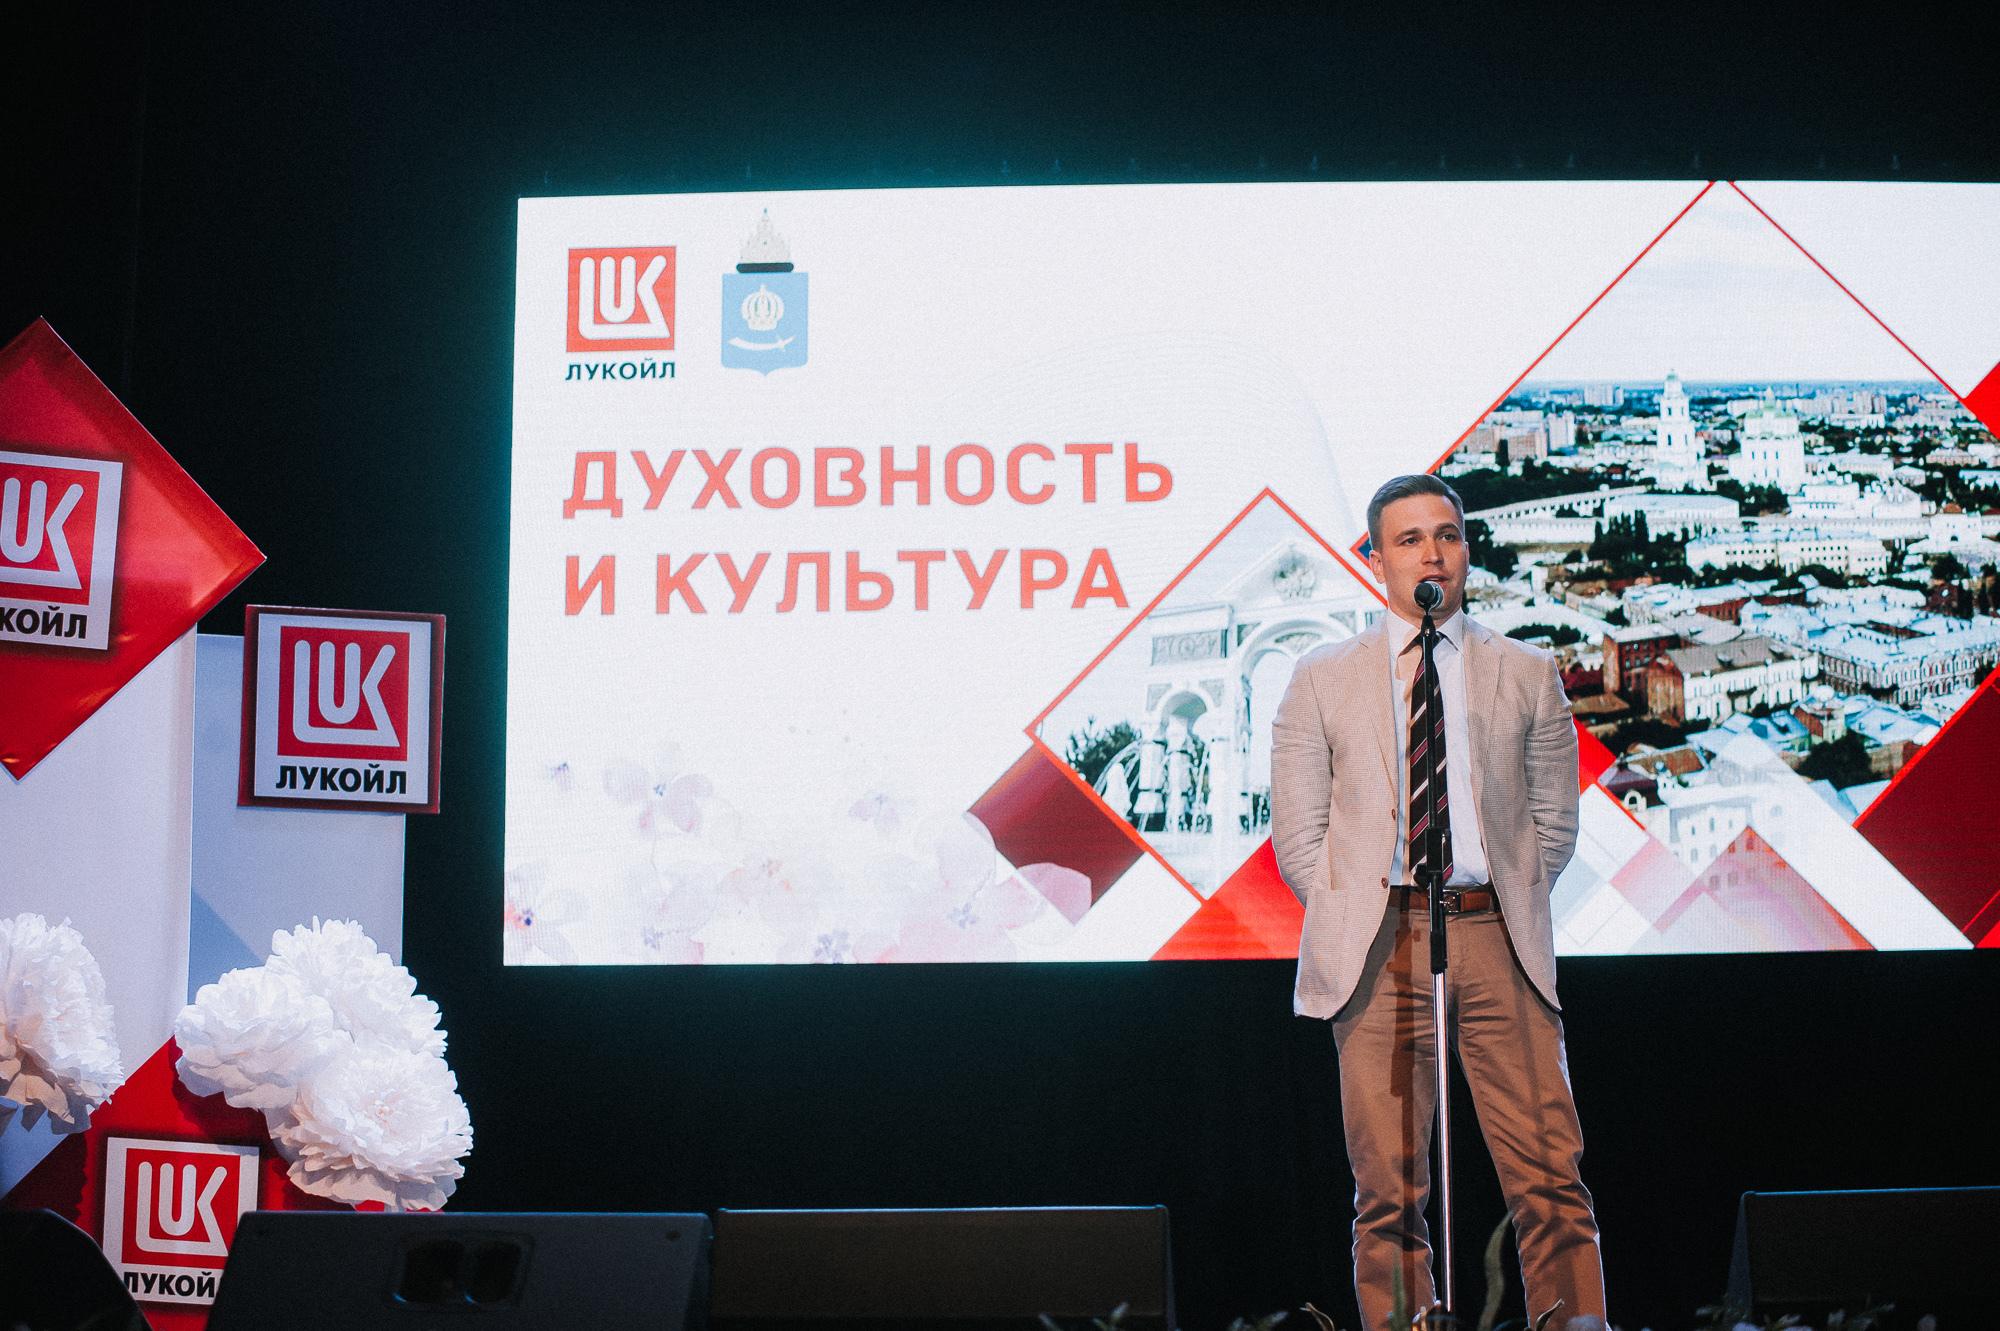 9 В Астрахани ЛУКОЙЛ наградил победителей конкурса соцпроектов